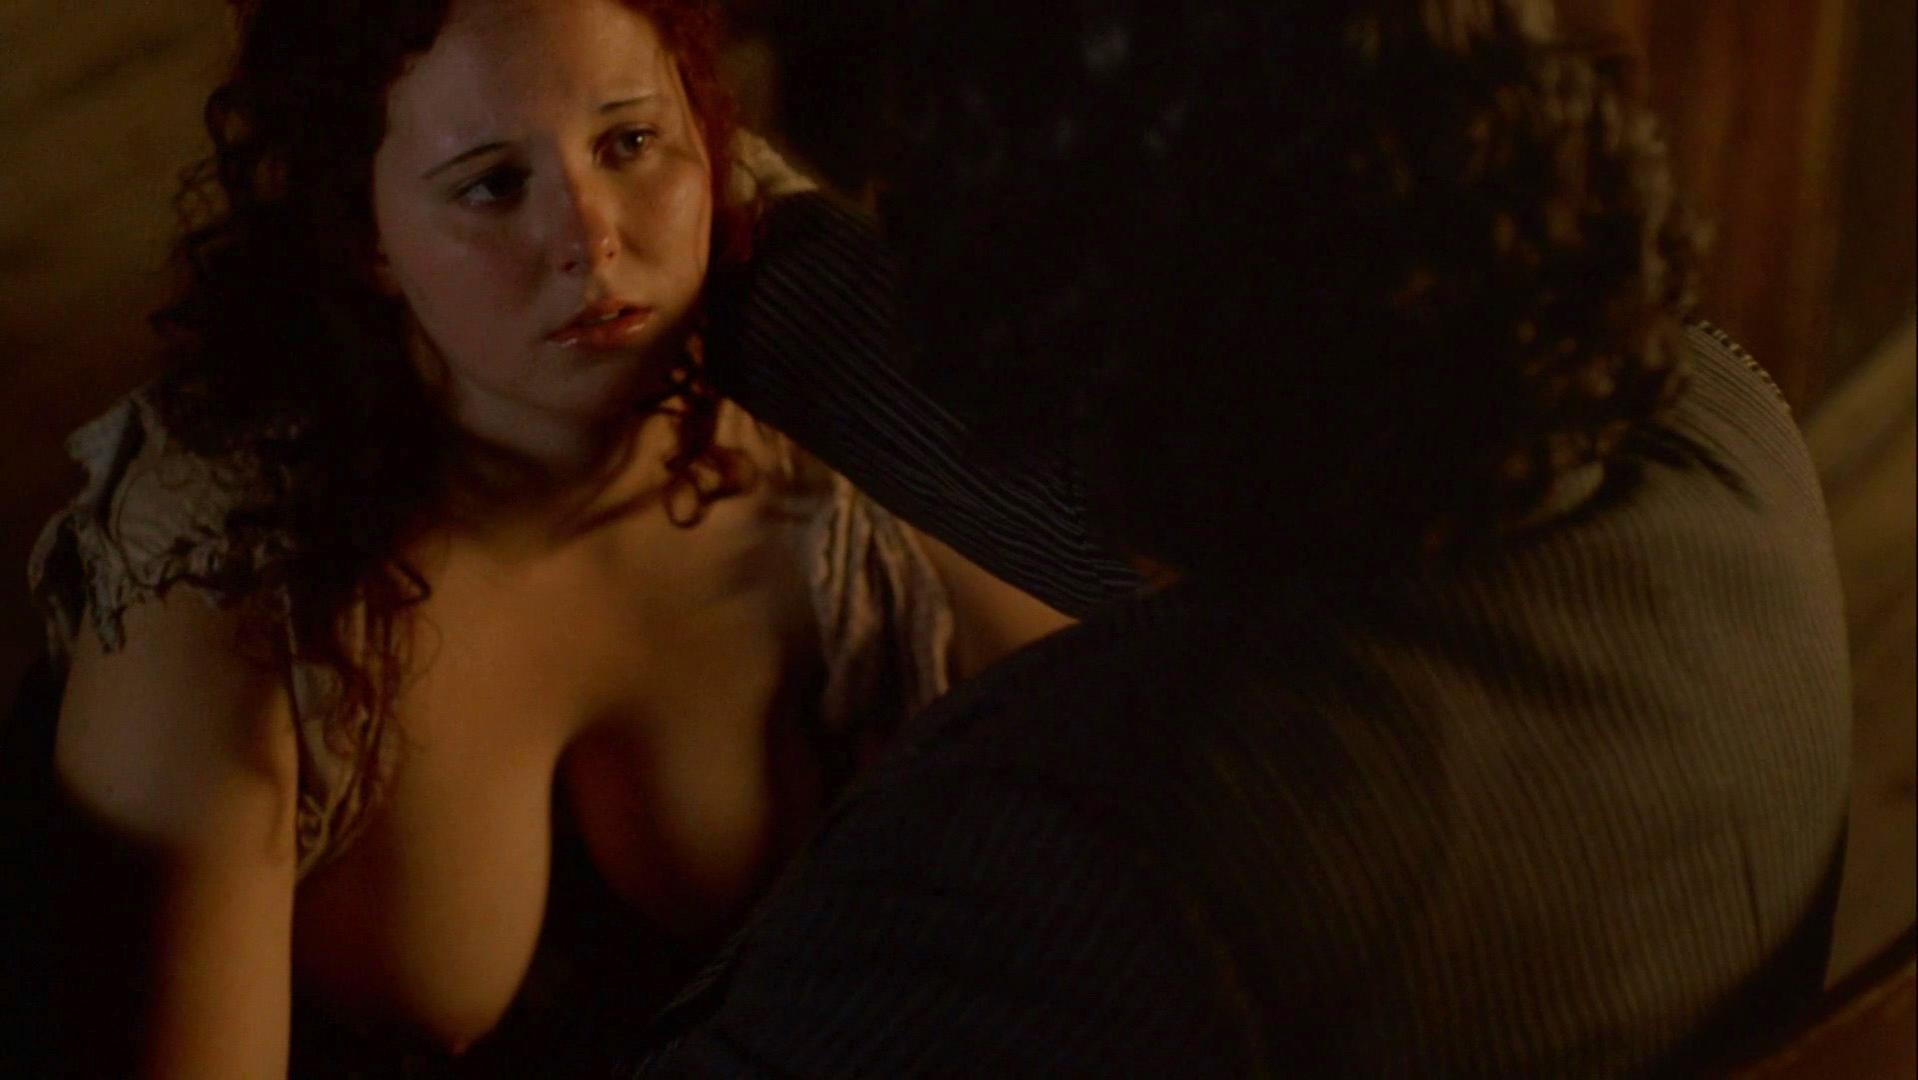 Ashleigh Kizer nude - Deadwood s02e11 (2005)